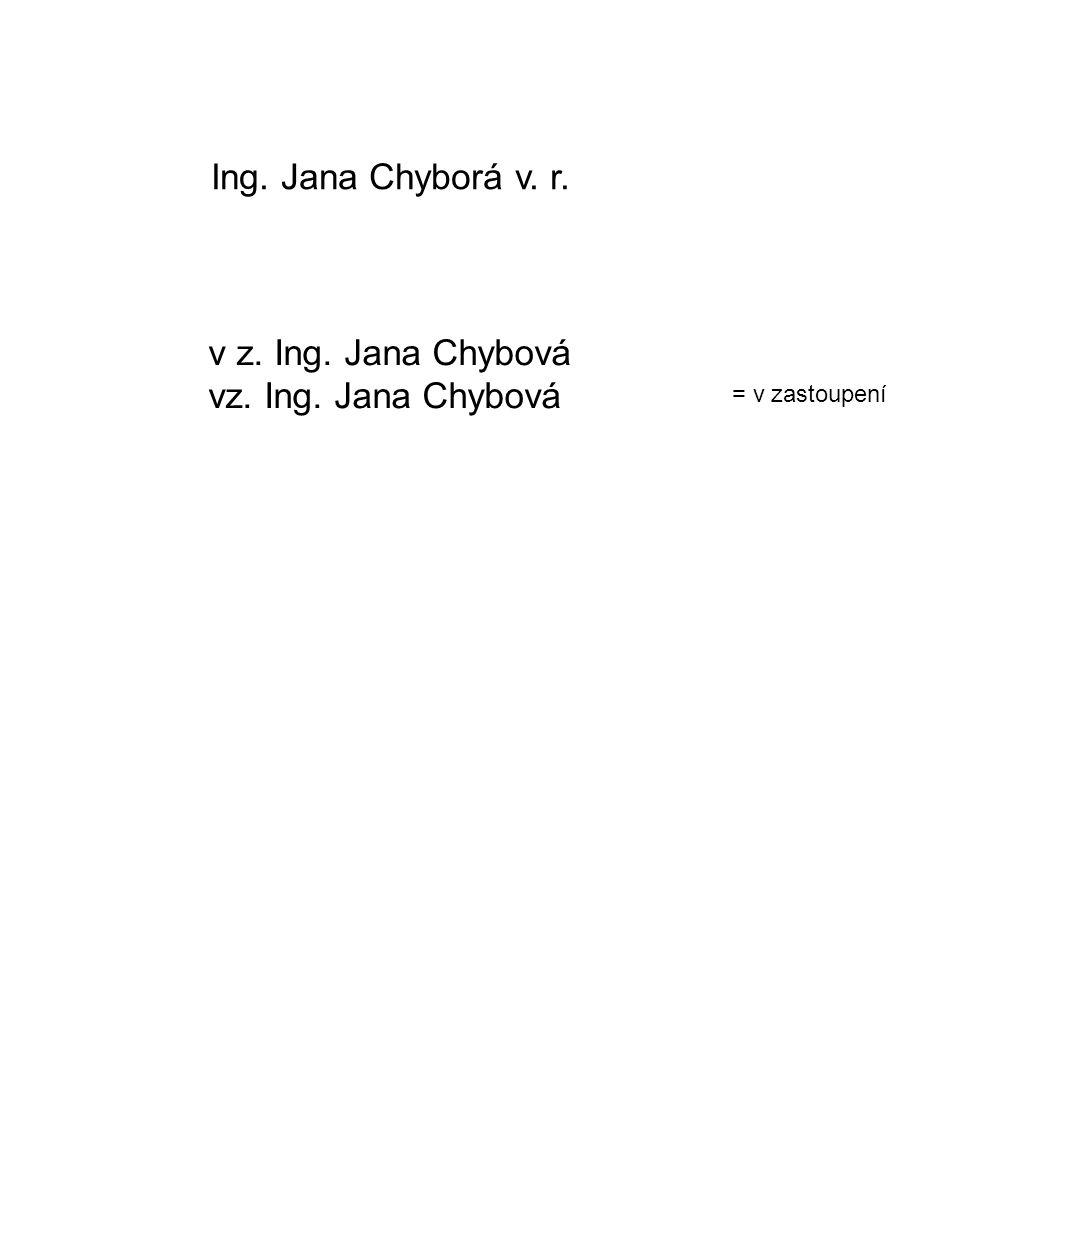 Ing. Jana Chyborá v. r. v z. Ing. Jana Chybová = v zastoupení